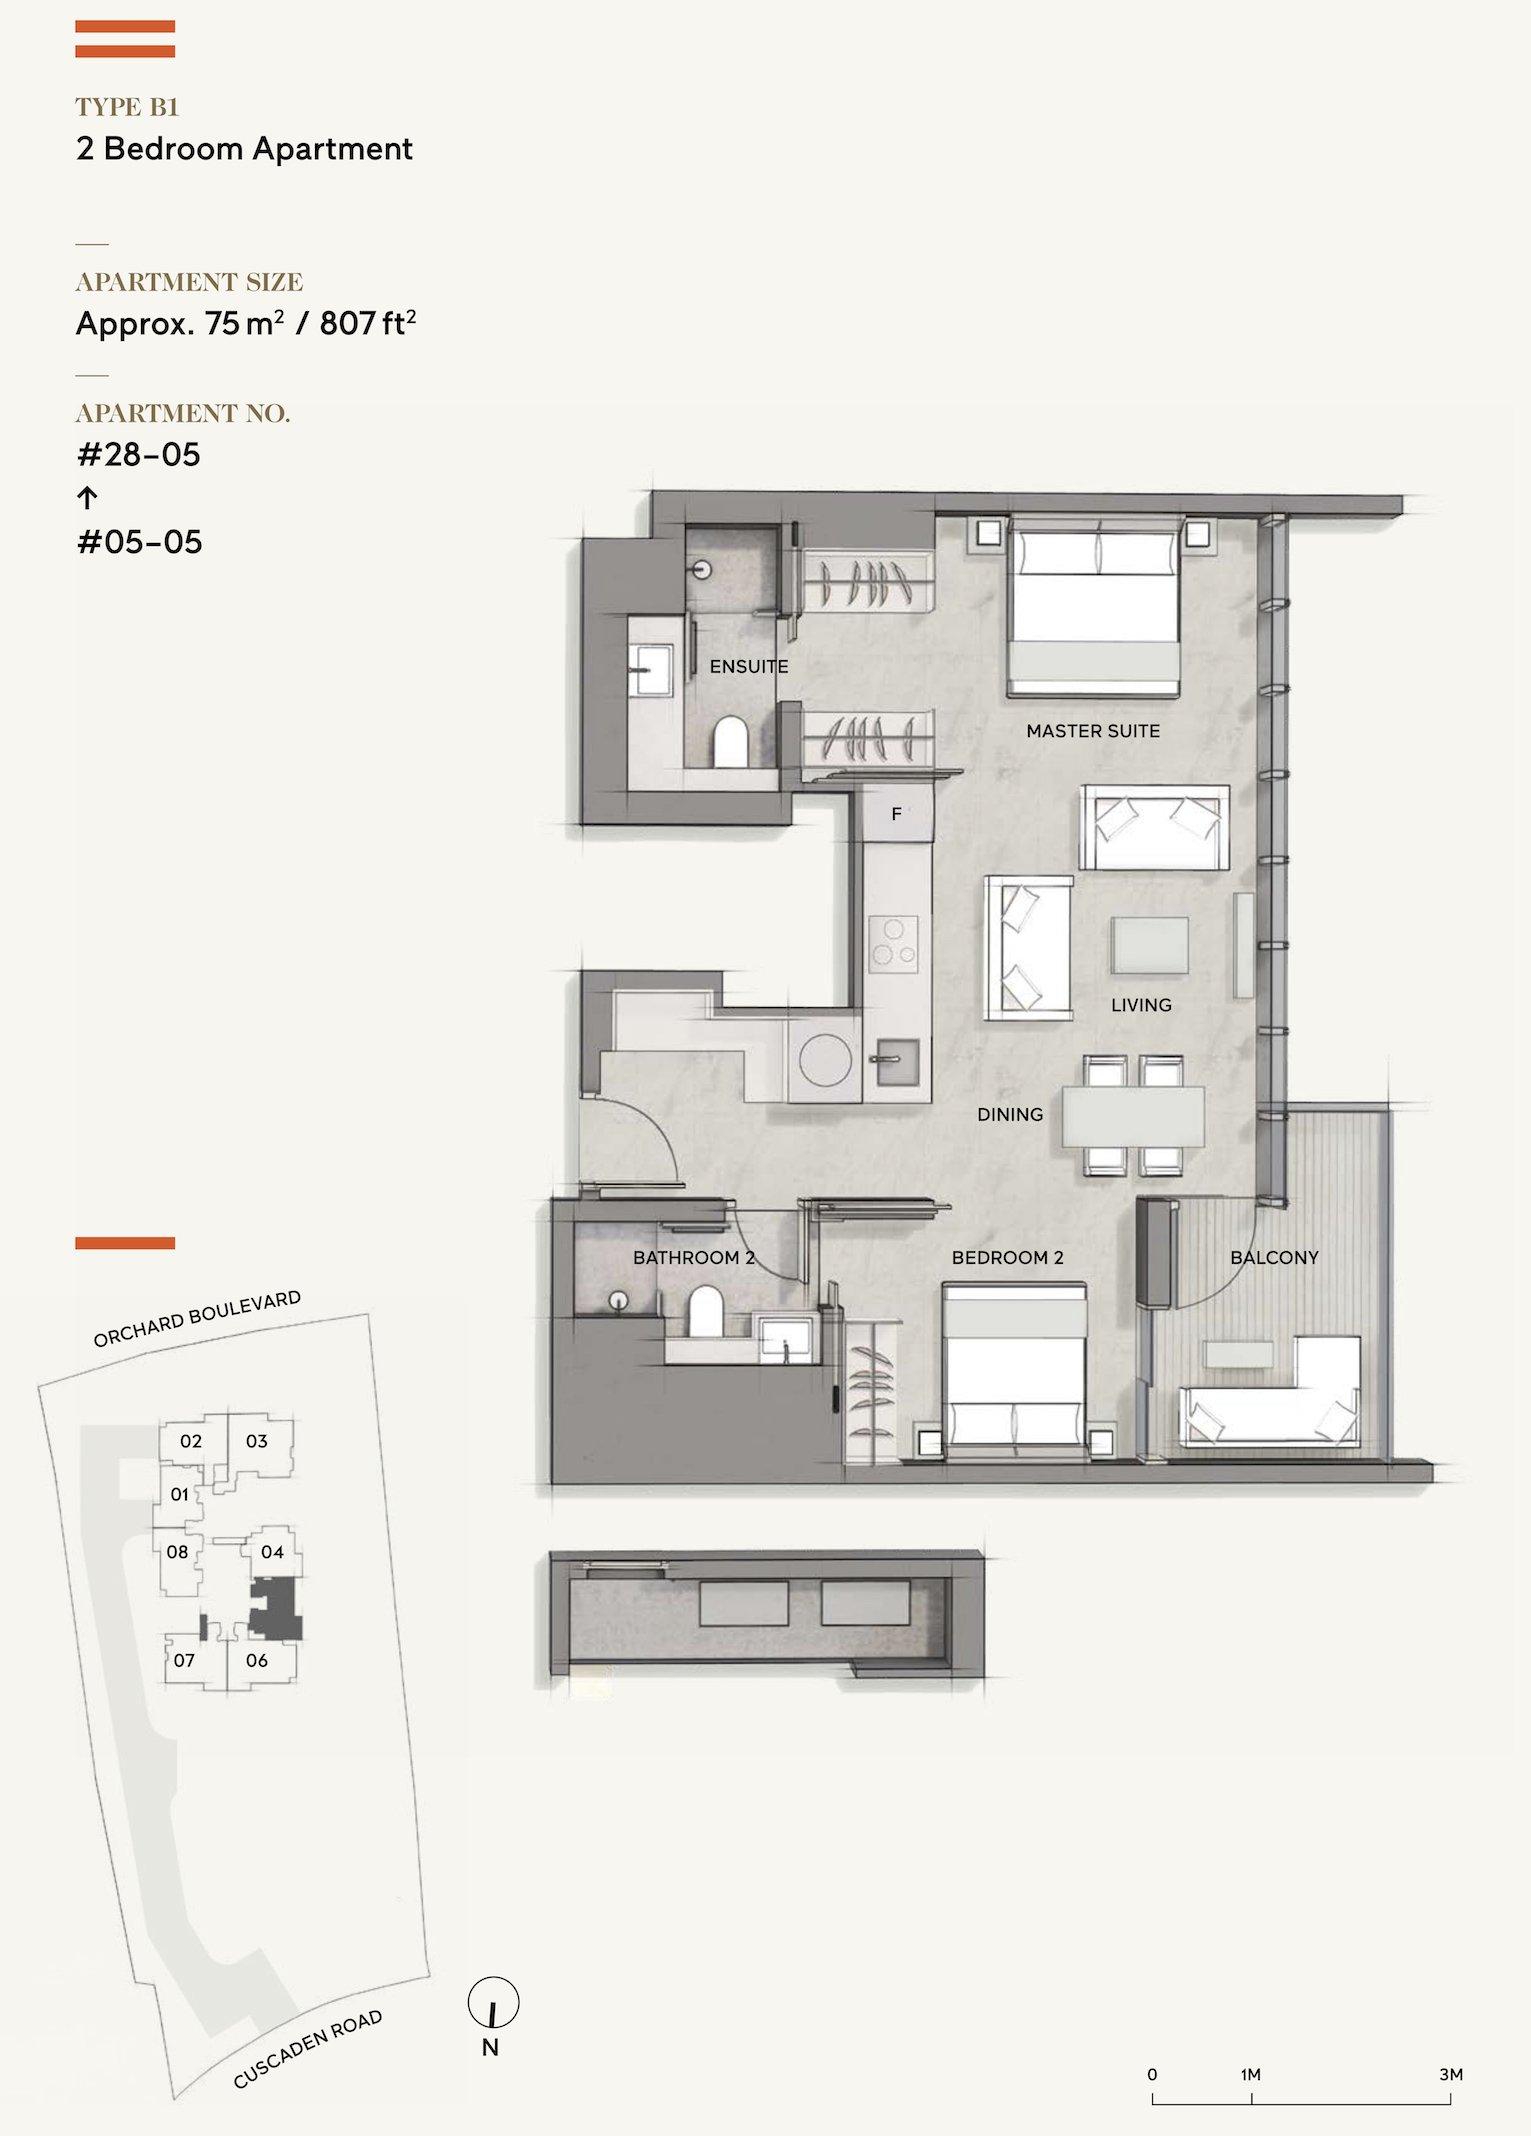 Cuscaden Reserve 公寓 floor plan 2 bedroom